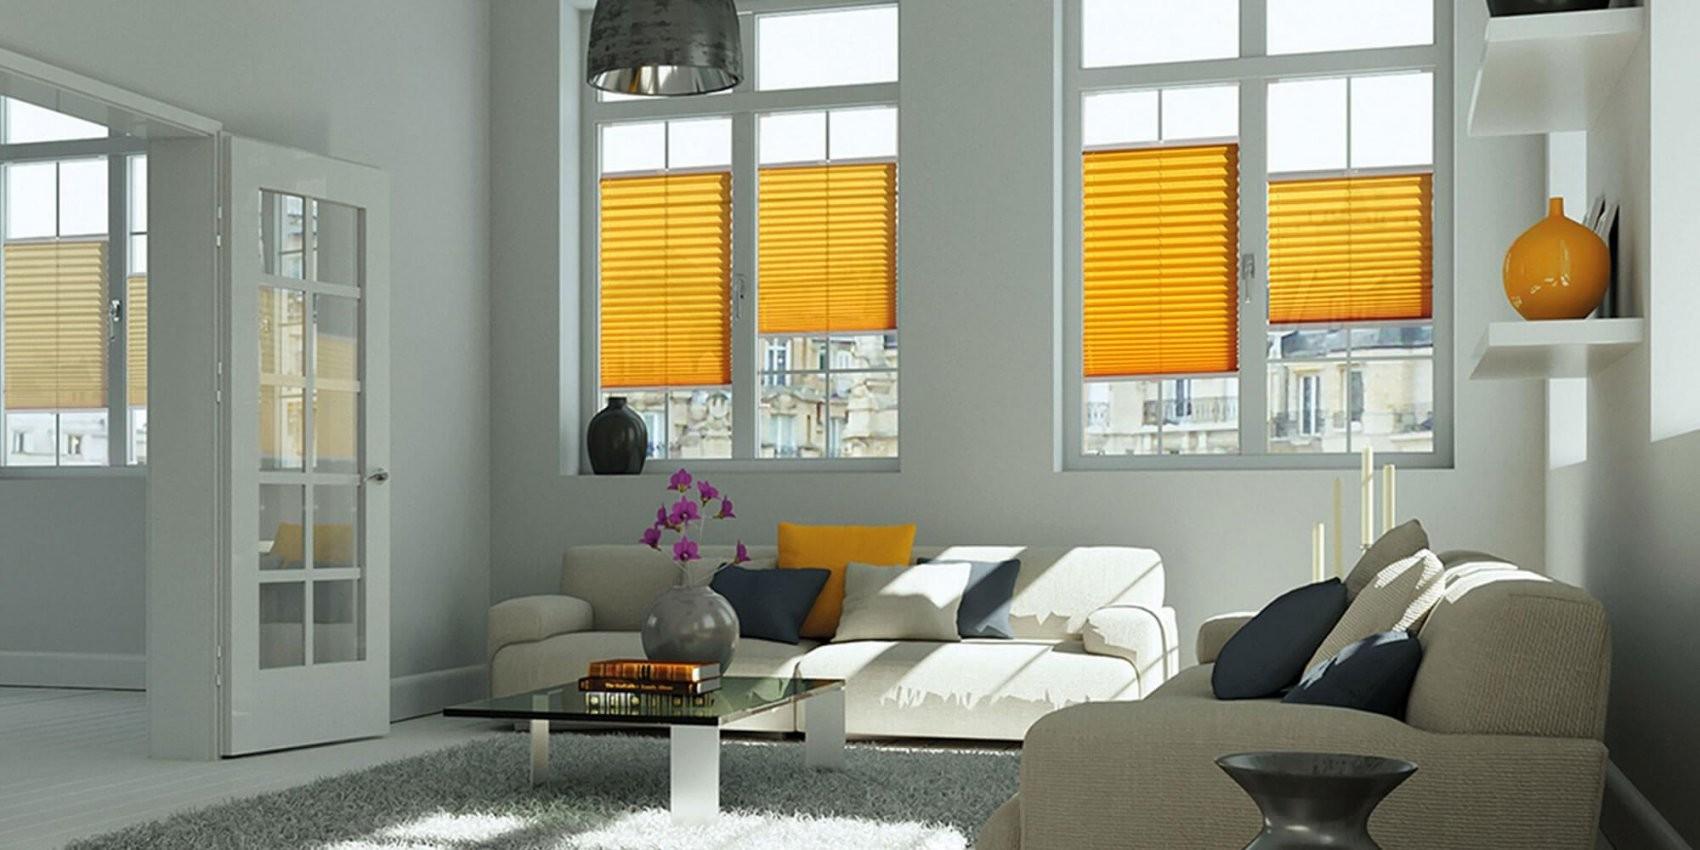 Plissee Jede Farbe Größe & Variante Plissees Günstig von Plissee Rollos Für Fenster Photo